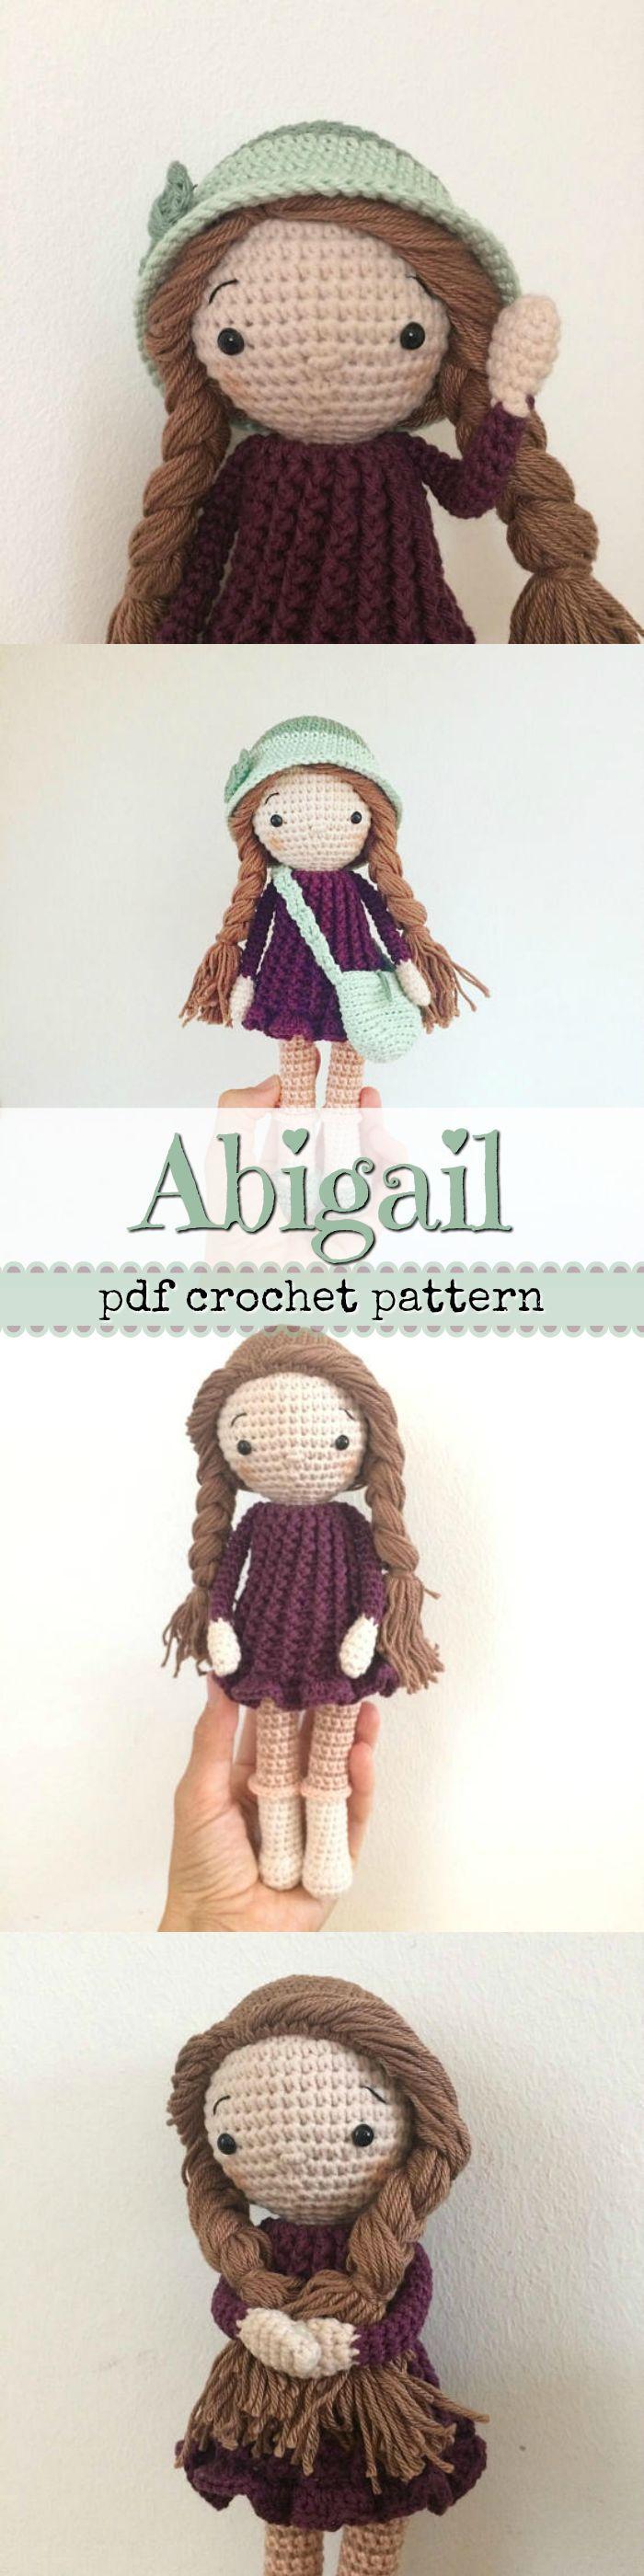 7073 best Crochet & Knitting images on Pinterest | Crochet free ...